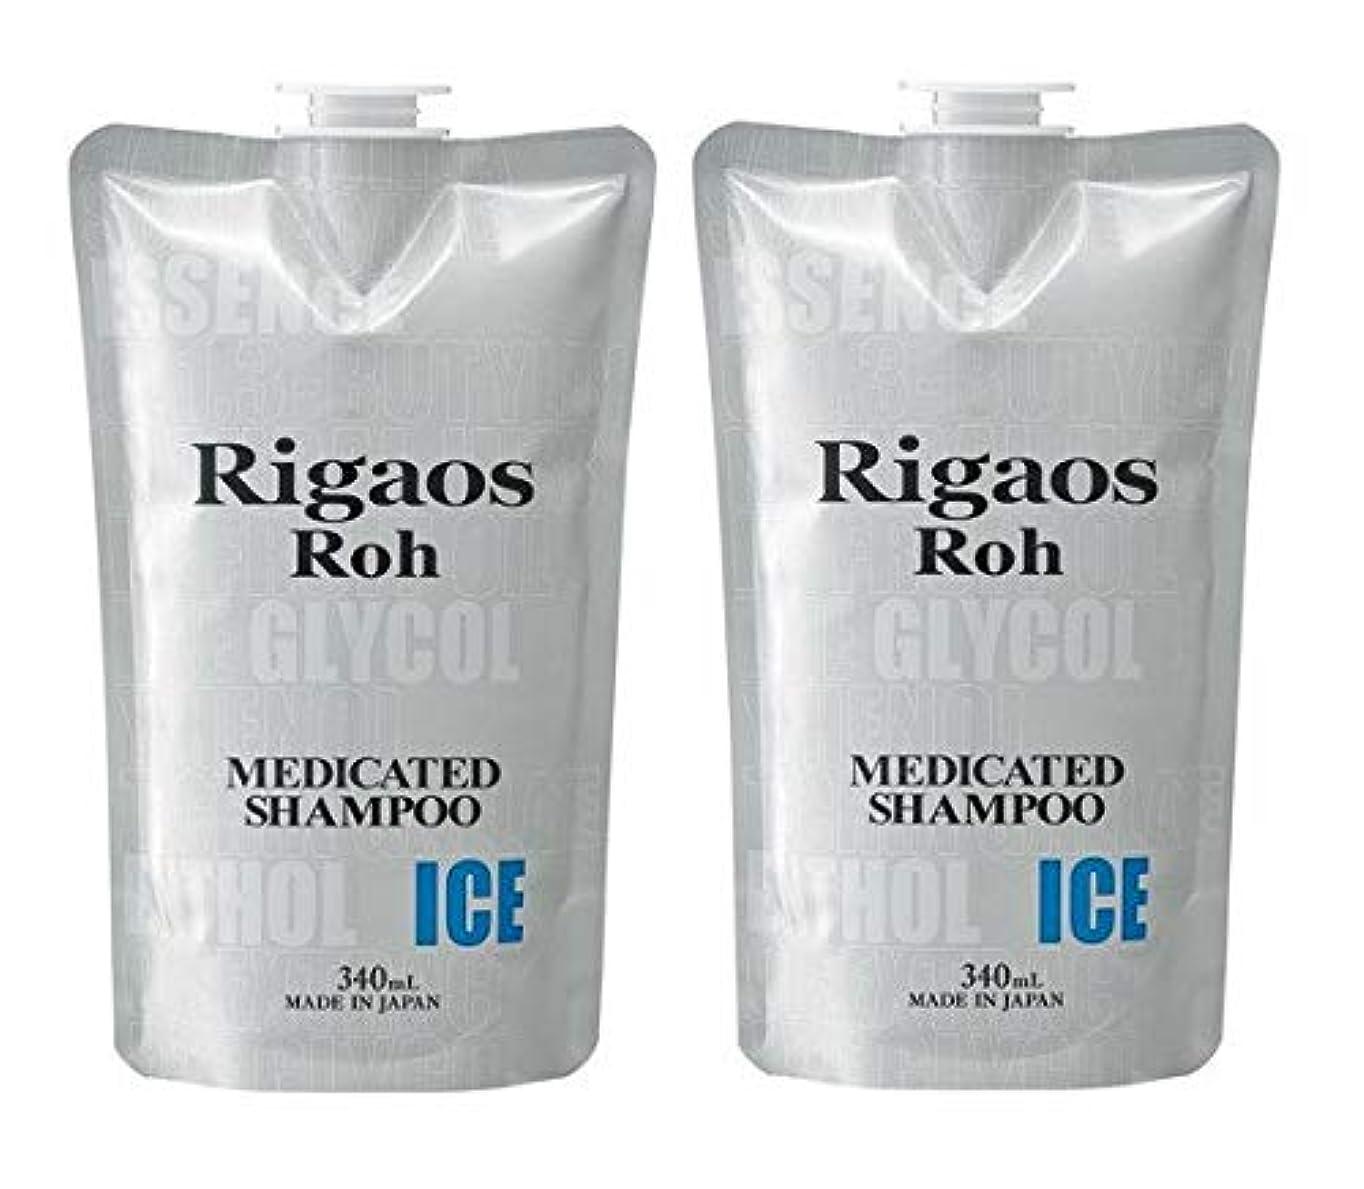 情緒的歪める評決【2個セット】リガオス ロー 薬用スカルプケア シャンプー ICE レフィル (340mL)